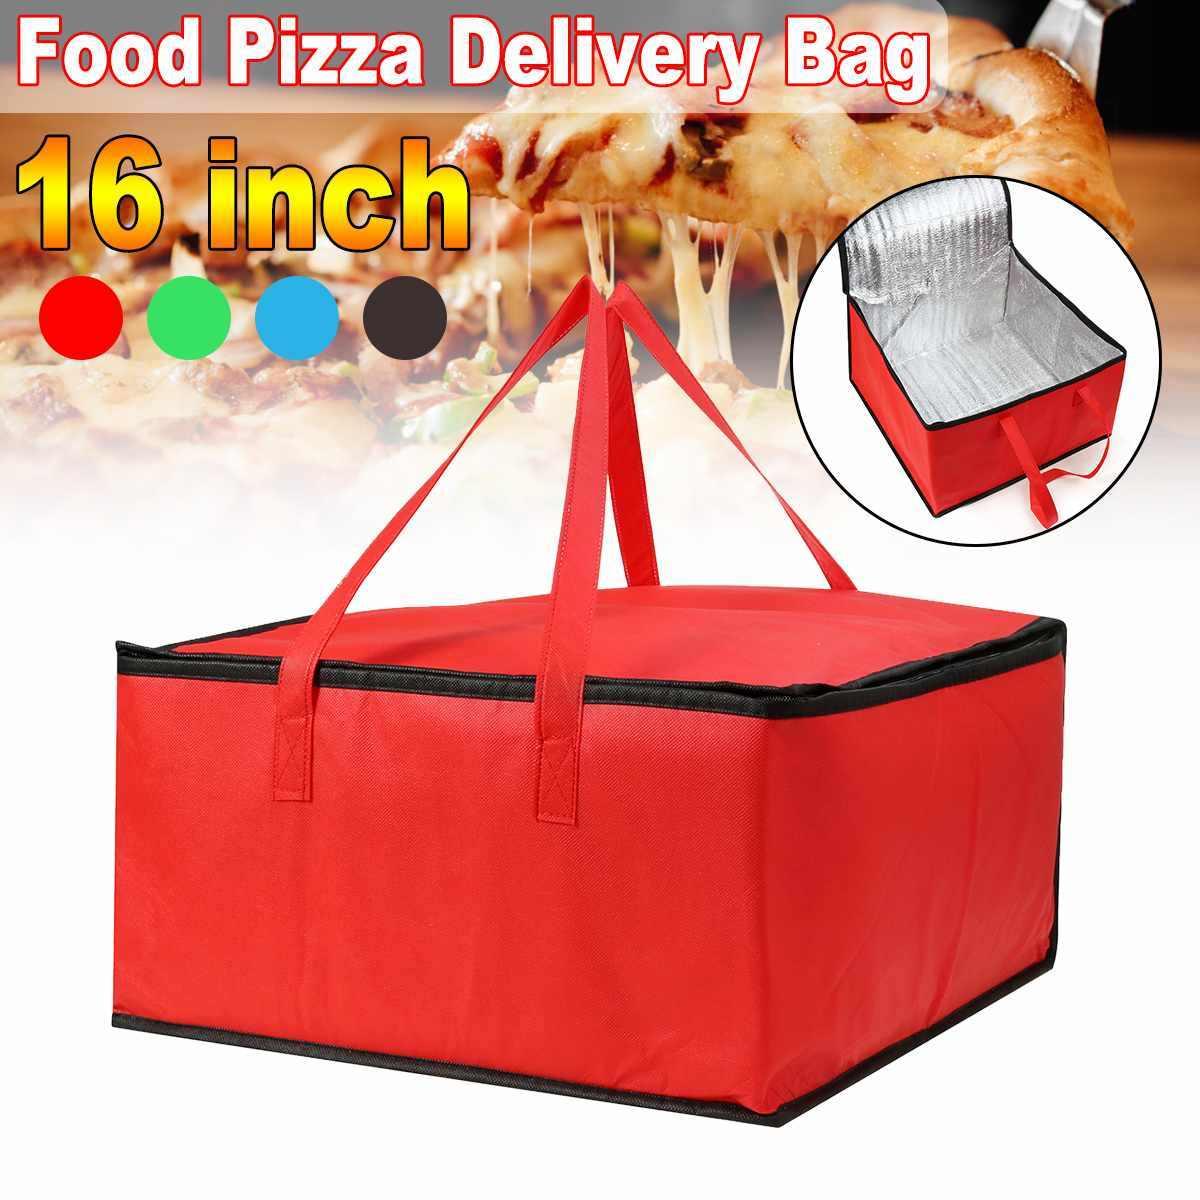 16 Inch Geïsoleerde Tas Lunch Koeltas Isolatie Vouwen Picknick Draagbare Ijs Voedsel Thermische Voedsel Levering Zak Pizza